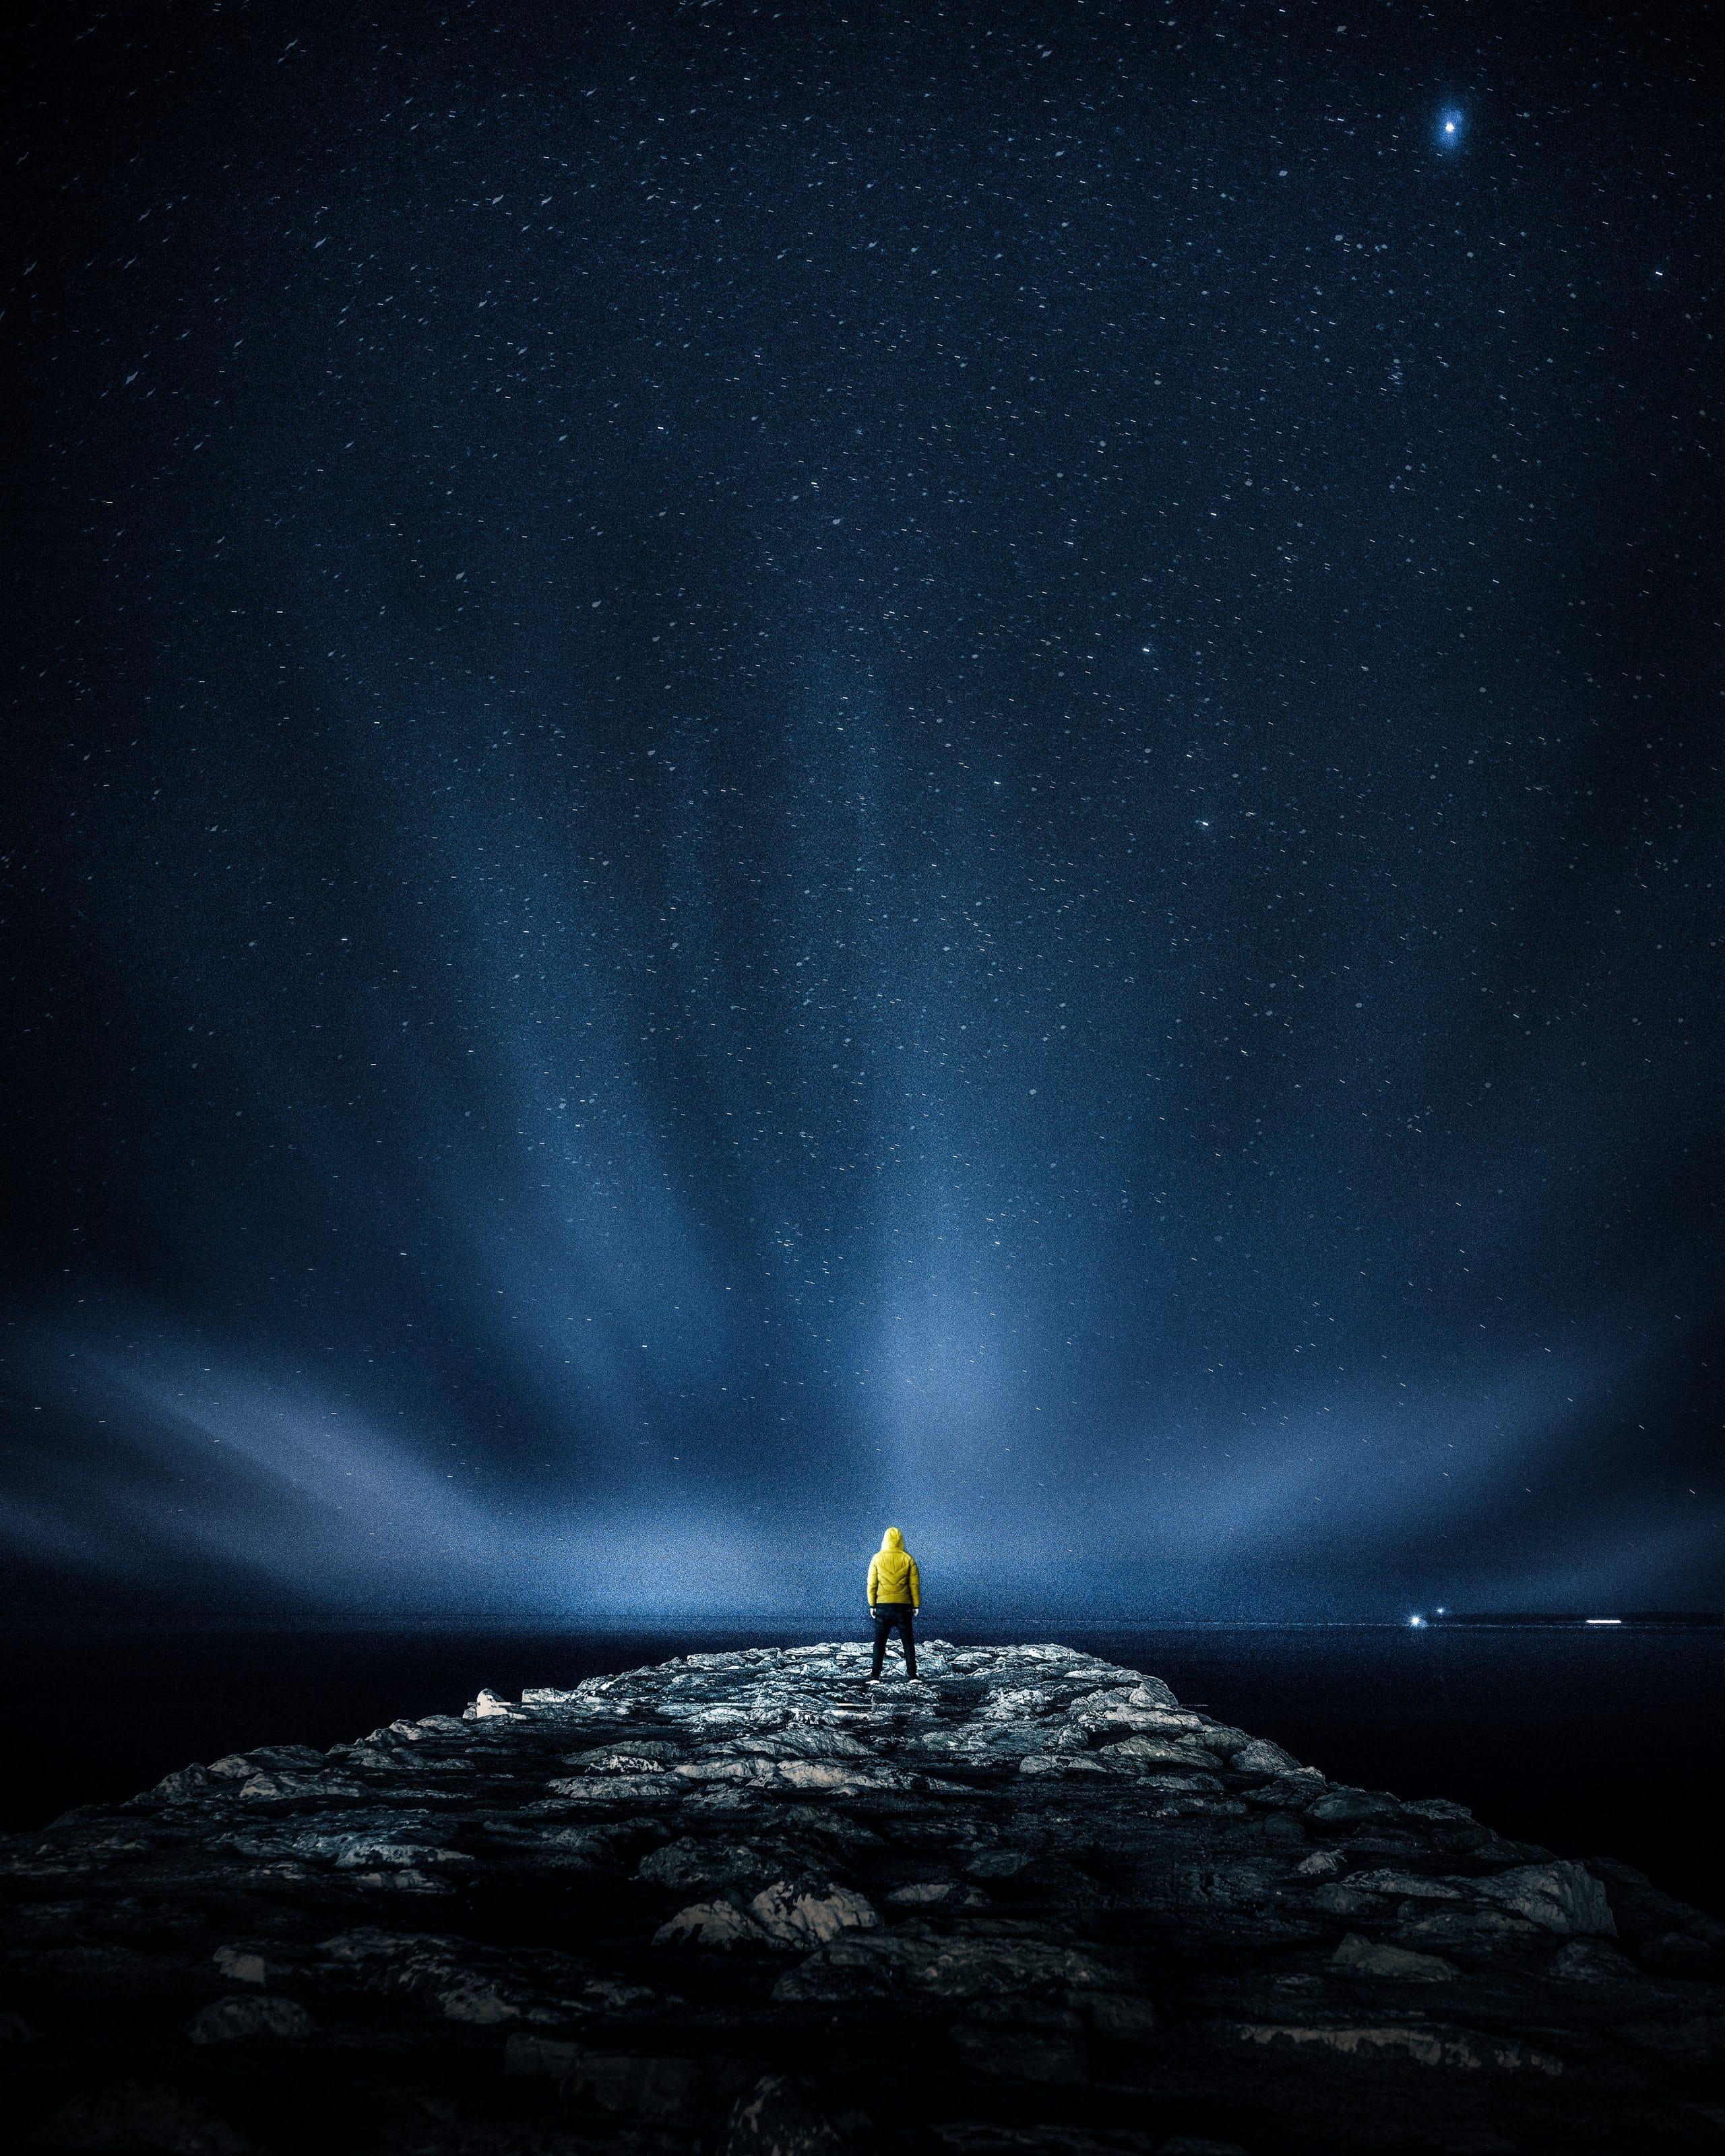 Homem em cima de pedras observando as estrelas e a imensidão do universo.